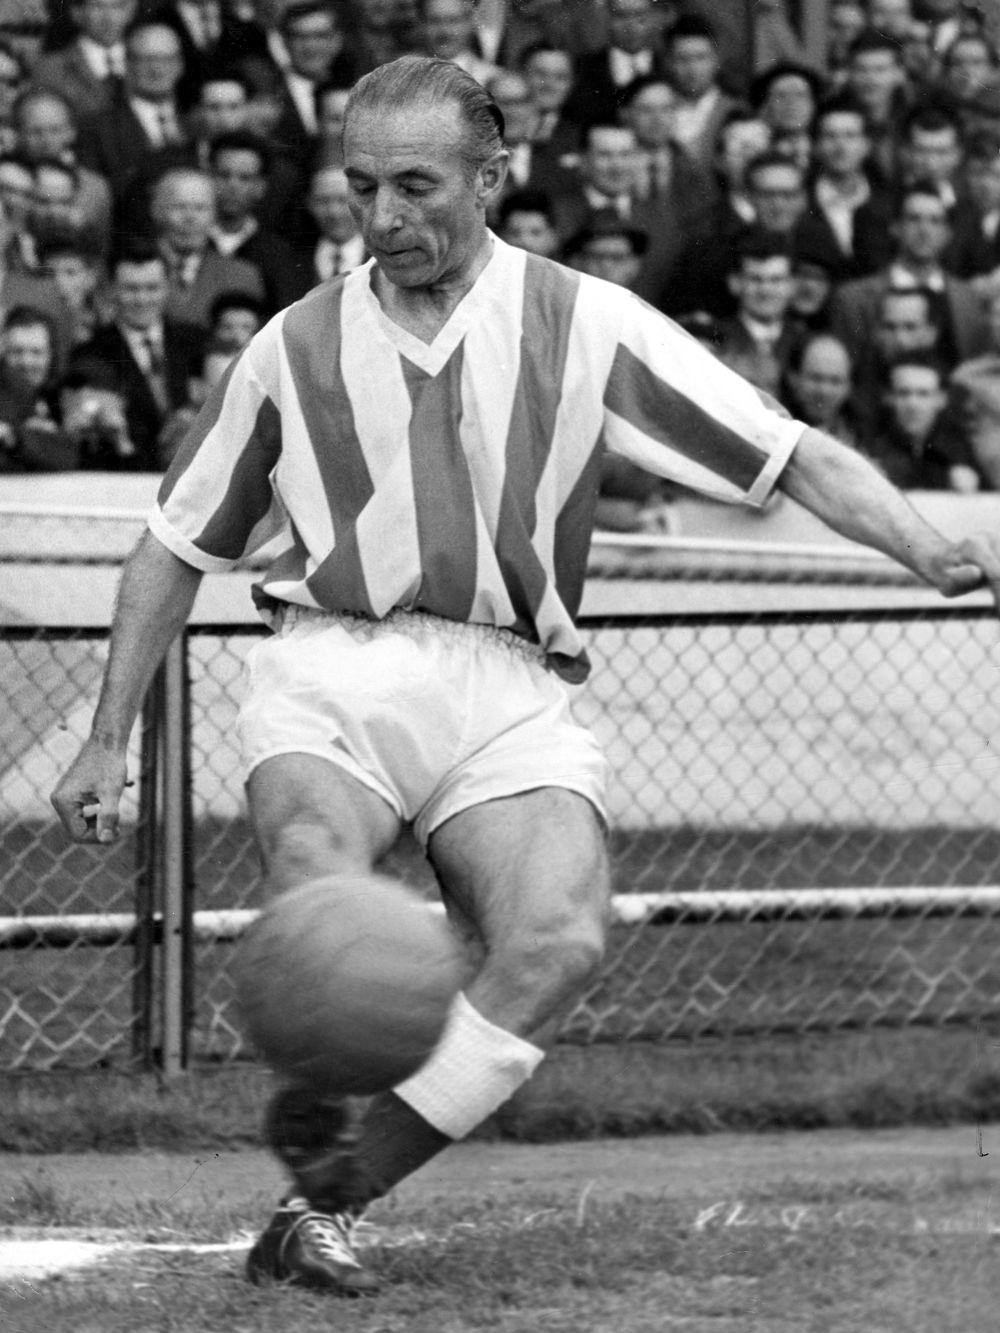 Sir Stanley Matthews, Belga Image